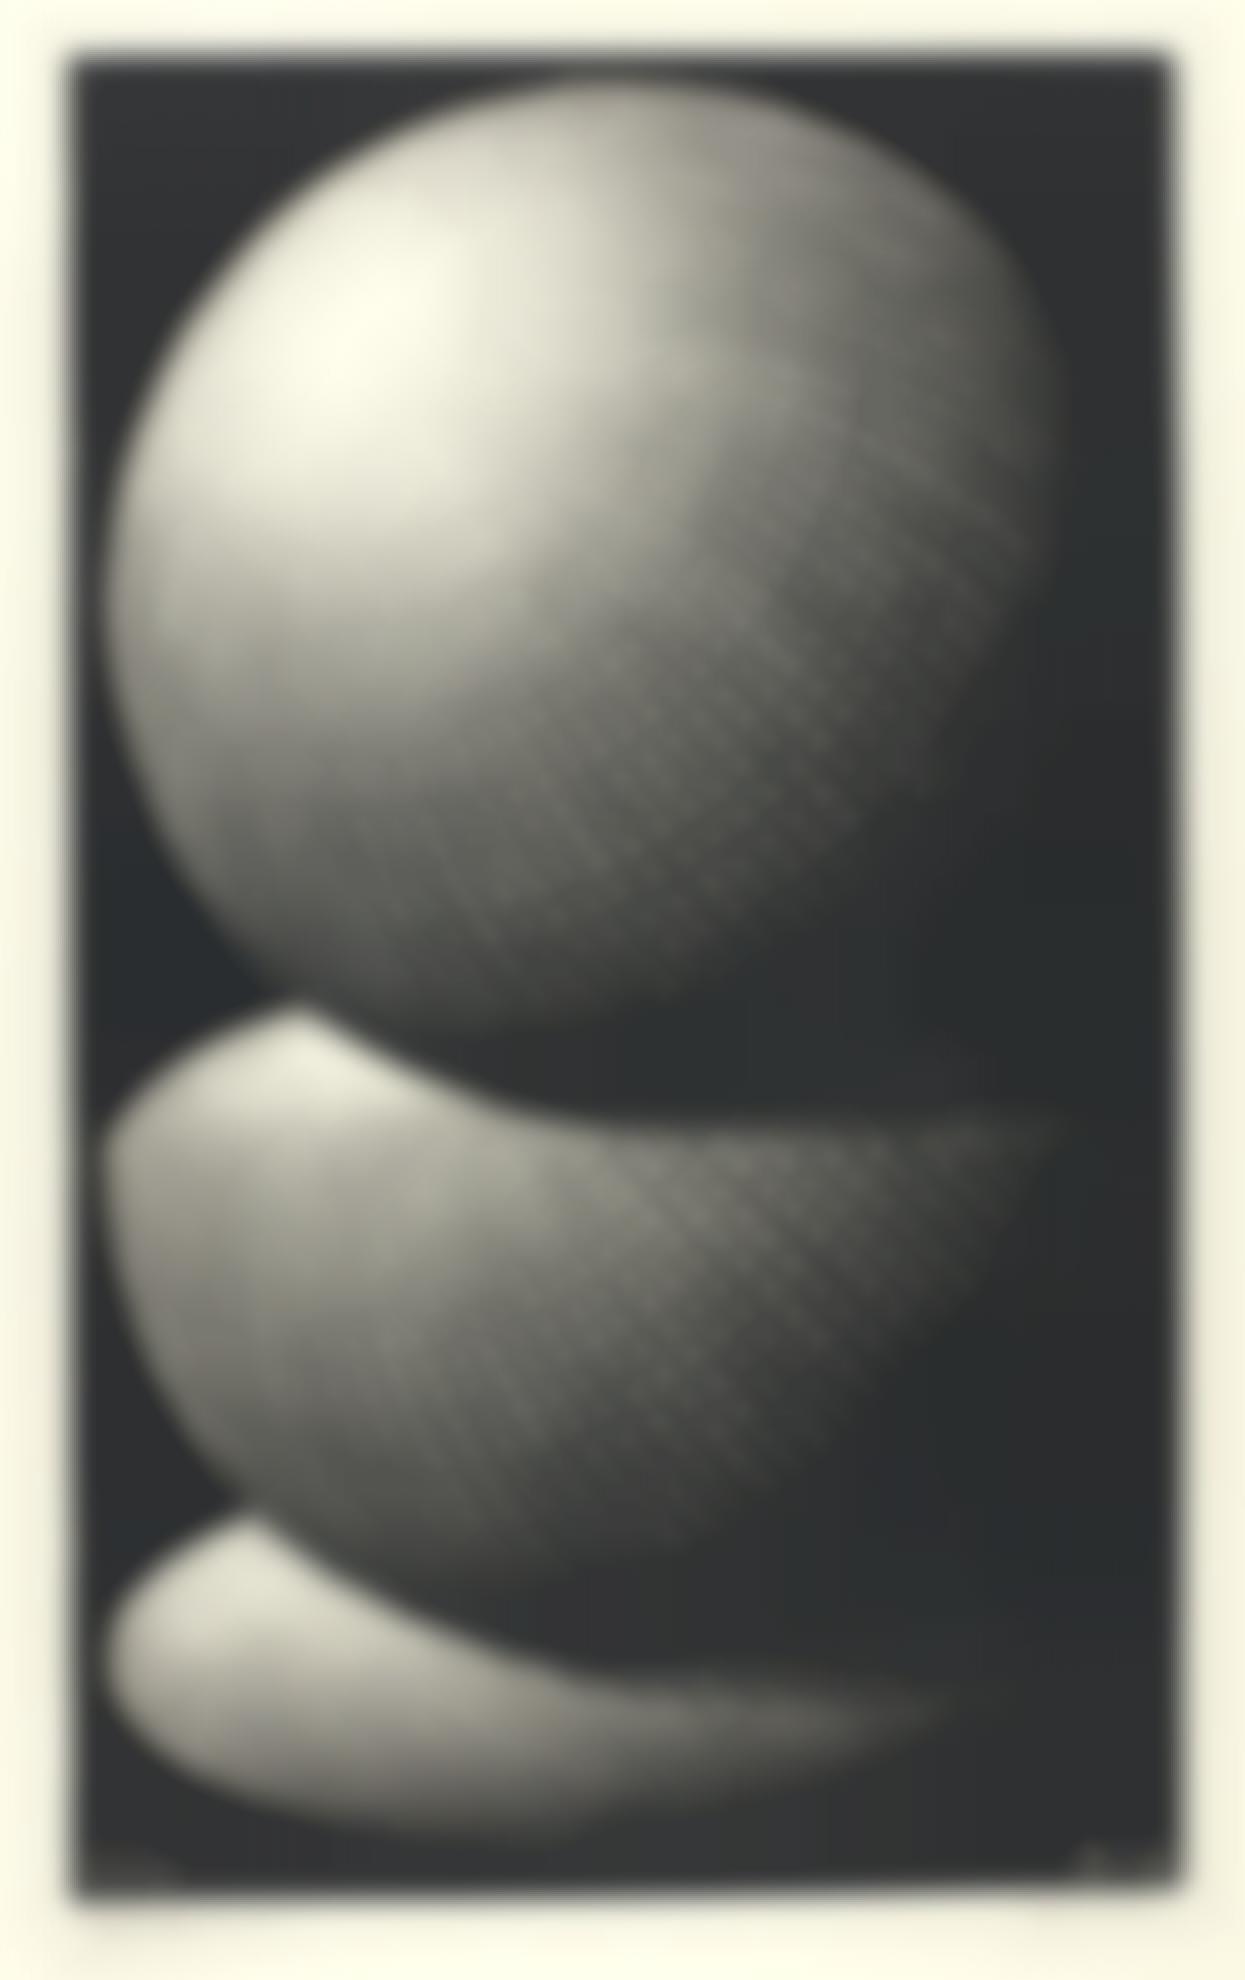 Maurits Cornelis Escher-Three Spheres I (Bool/Kist/Locher/Wierda 336)-1945